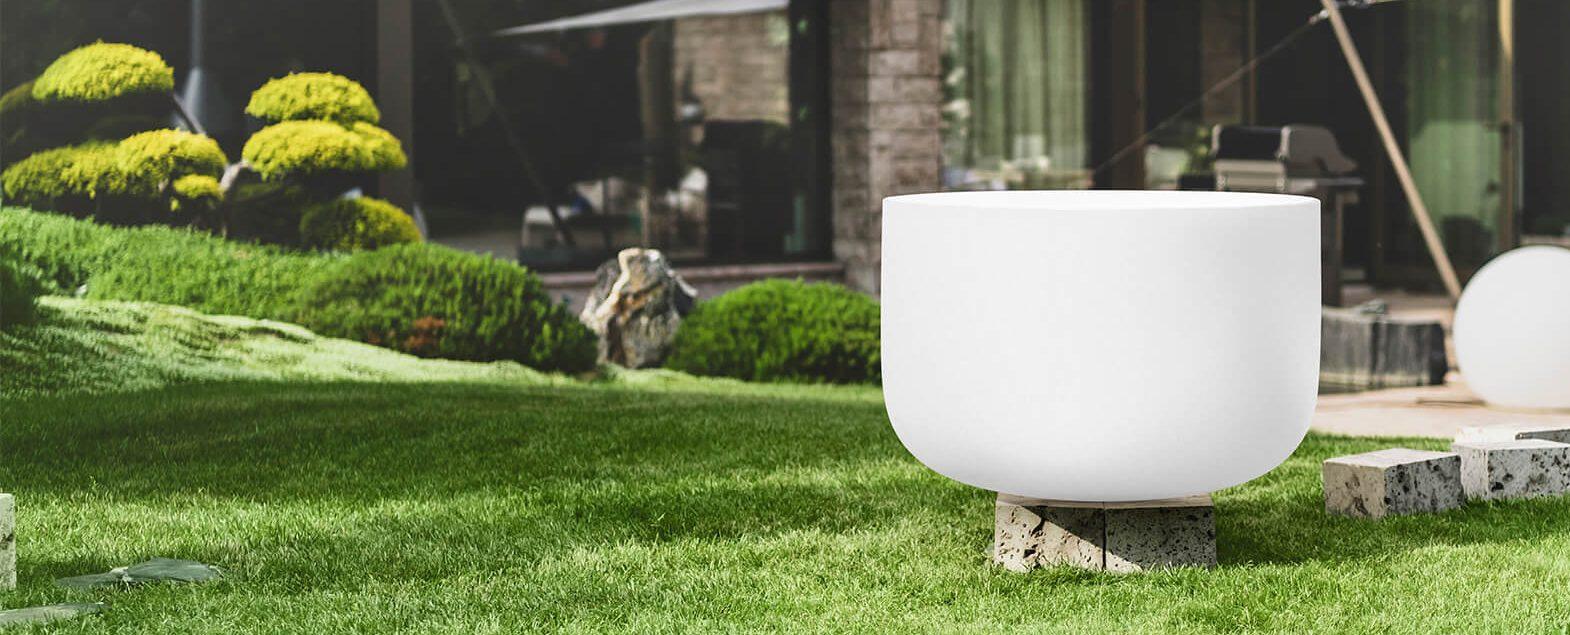 Qflame Vuurschaal gemaakt van kwartsglas in de tuin en buitenshuis